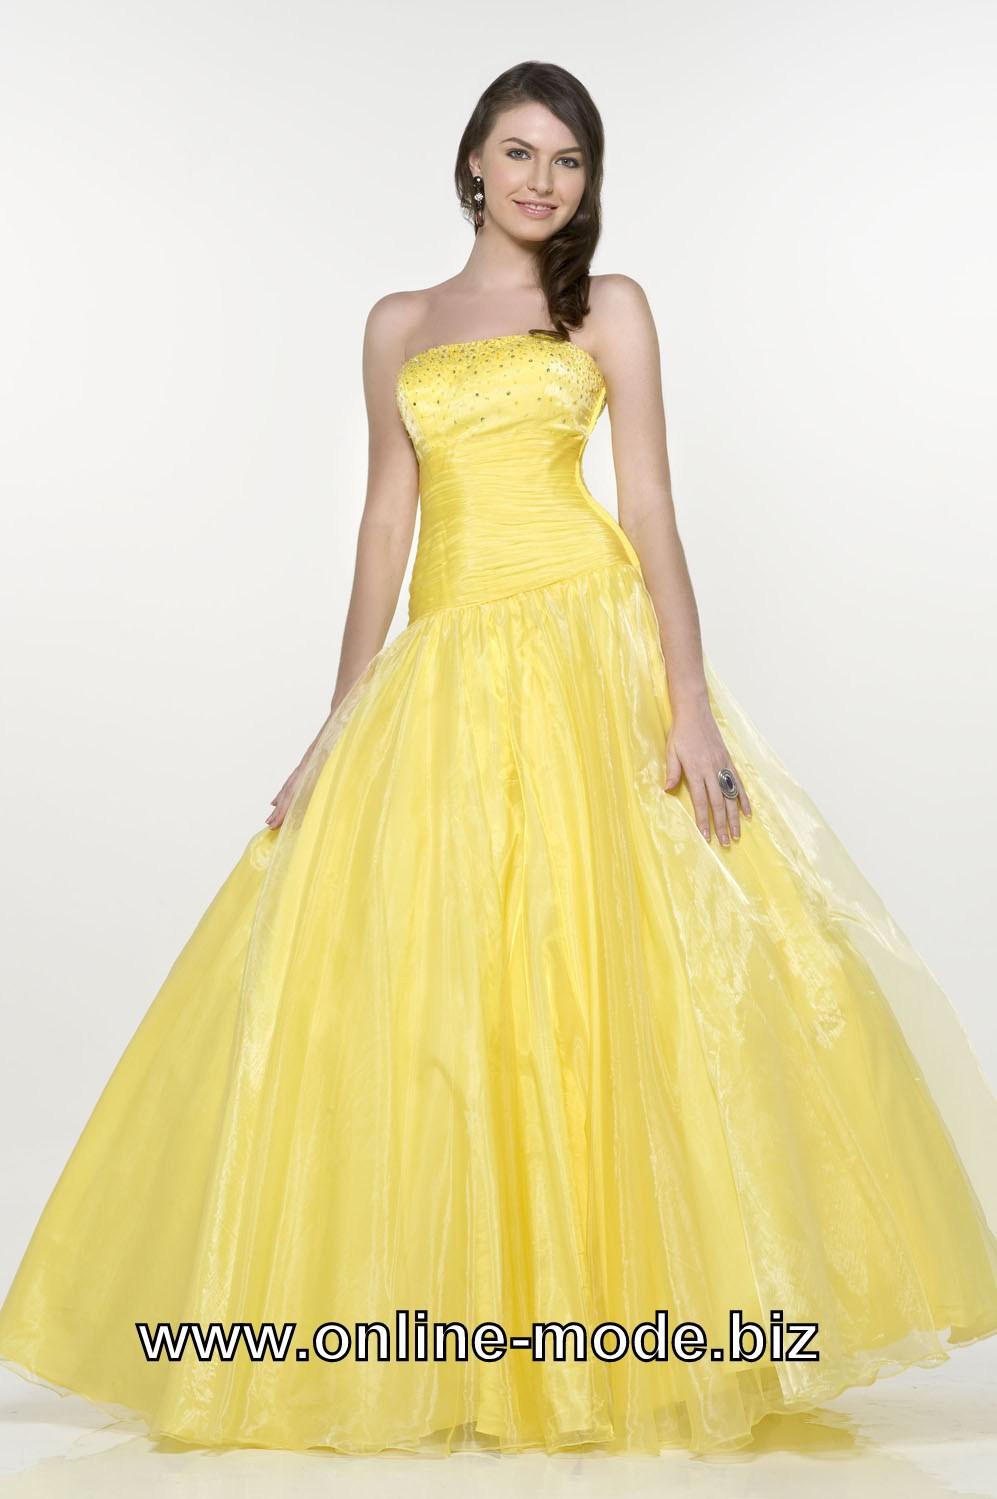 10 Einzigartig Abend Kleider In Gelb Boutique Genial Abend Kleider In Gelb Vertrieb